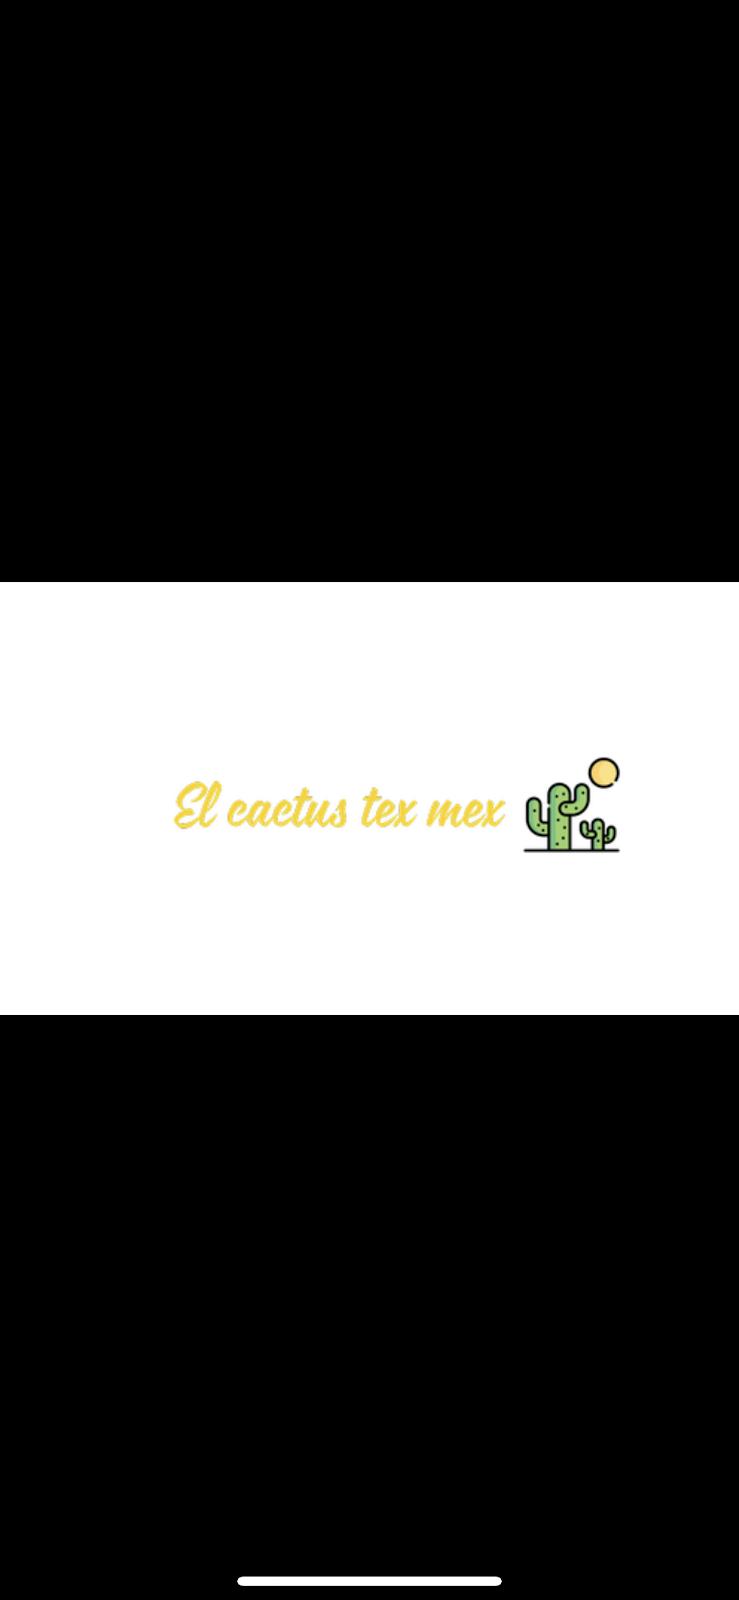 El Cactus Tex mex Albion IL | restaurant | 300 W Main St, Albion, IL 62806, USA | 6184459222 OR +1 618-445-9222